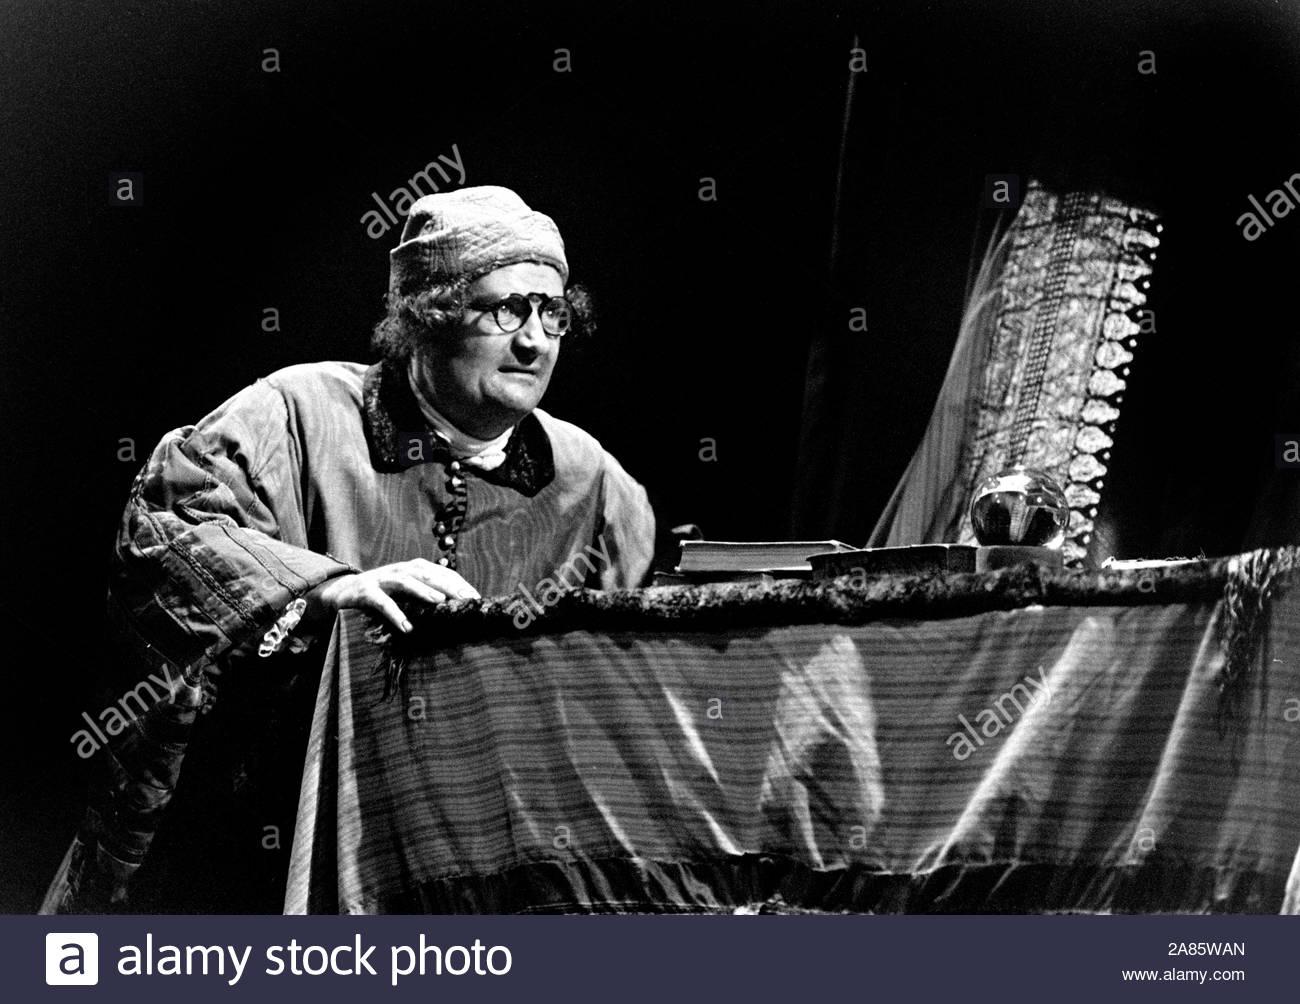 Il Funzionario Recruitting da George Farquhar, diretto da Max Stafford-Clark. Con Jim Broadbent come Sergent kite. Eseguite presso il Royal Court Theeatre 1/8/89 CREDIT Geraint Lewis Foto Stock